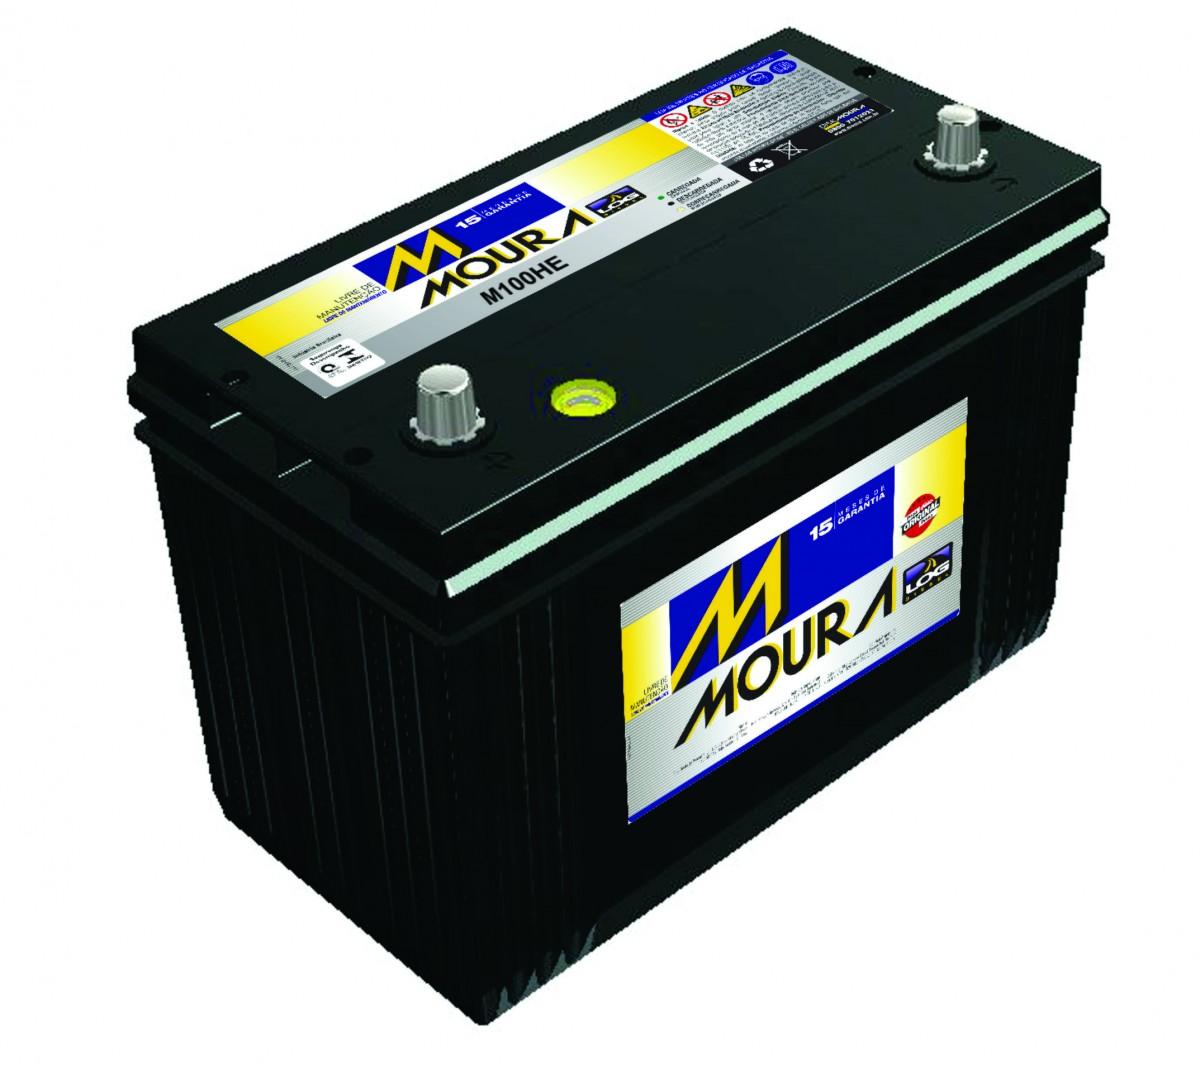 Foto 1 - Bateria Moura 100 Ah - Caixa Alta - Original de Montadora - 15 Meses de Garantia